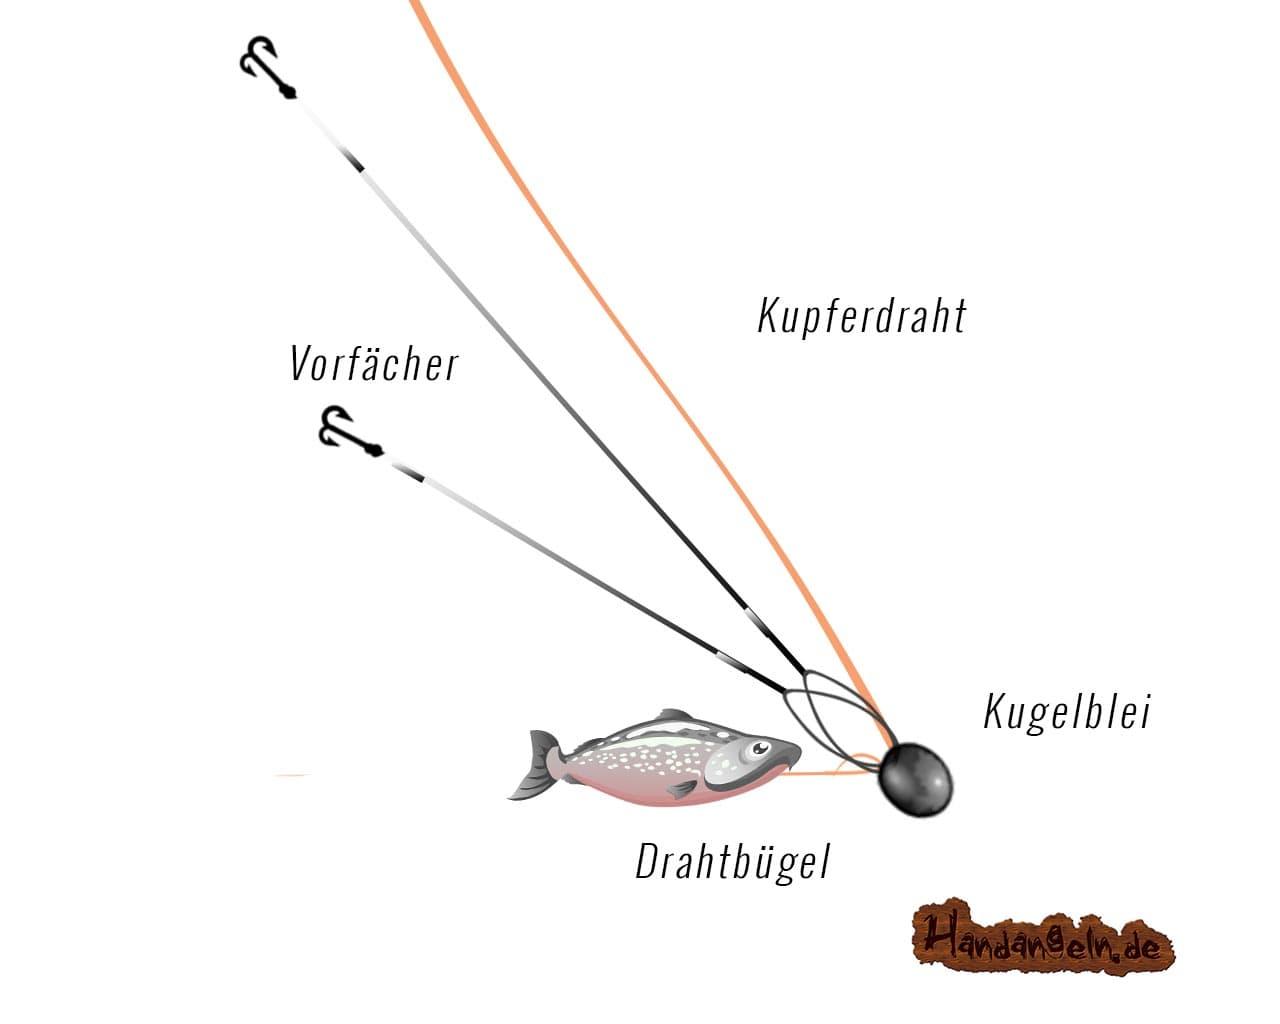 Illustration Montage Schritt 5 Drahtbügel komplett in den Köderfisch einführen